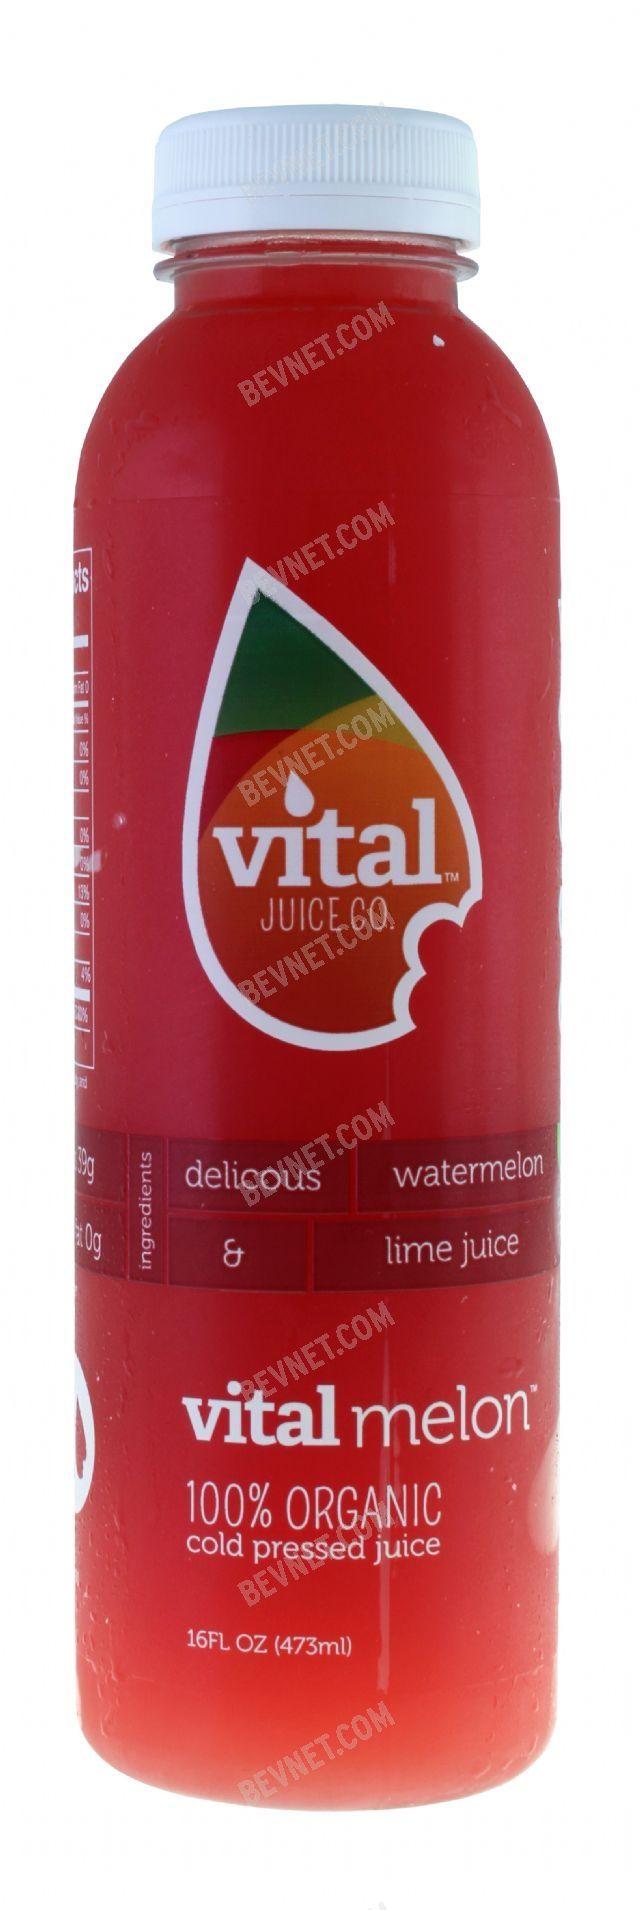 Vital Juice: